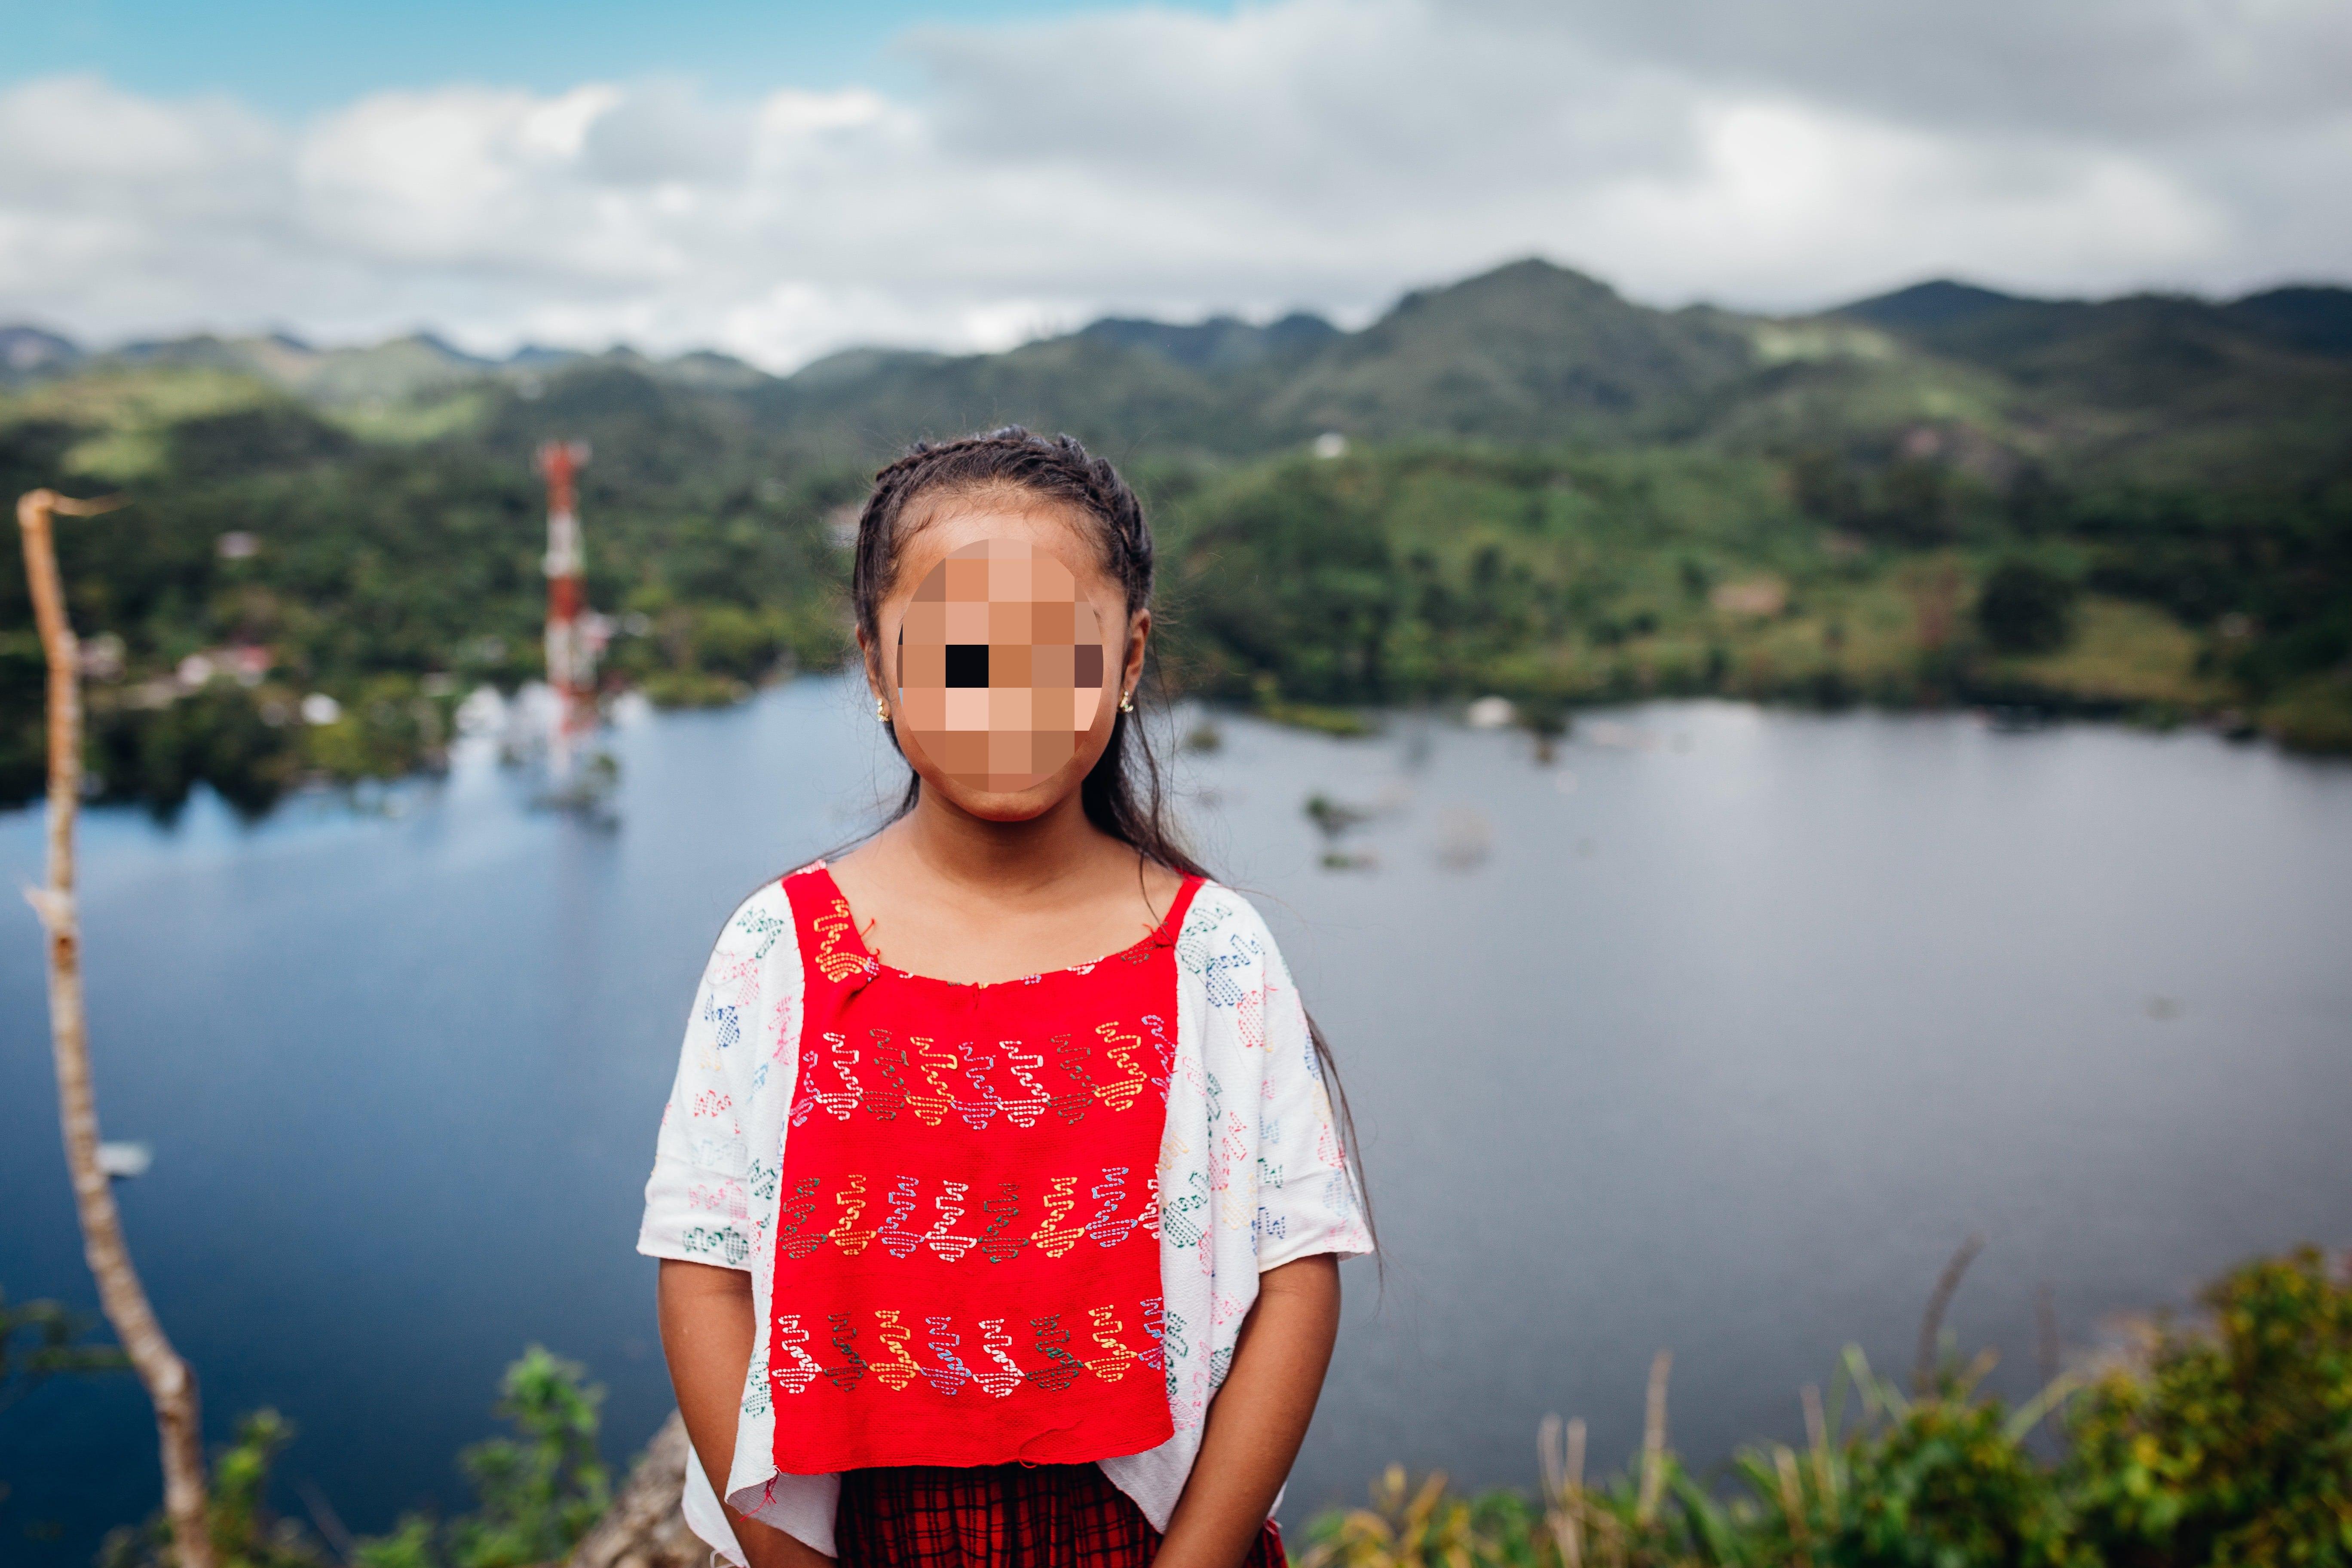 Niñez y adolescencia, una población condenada al sufrimiento en Guatemala imagen